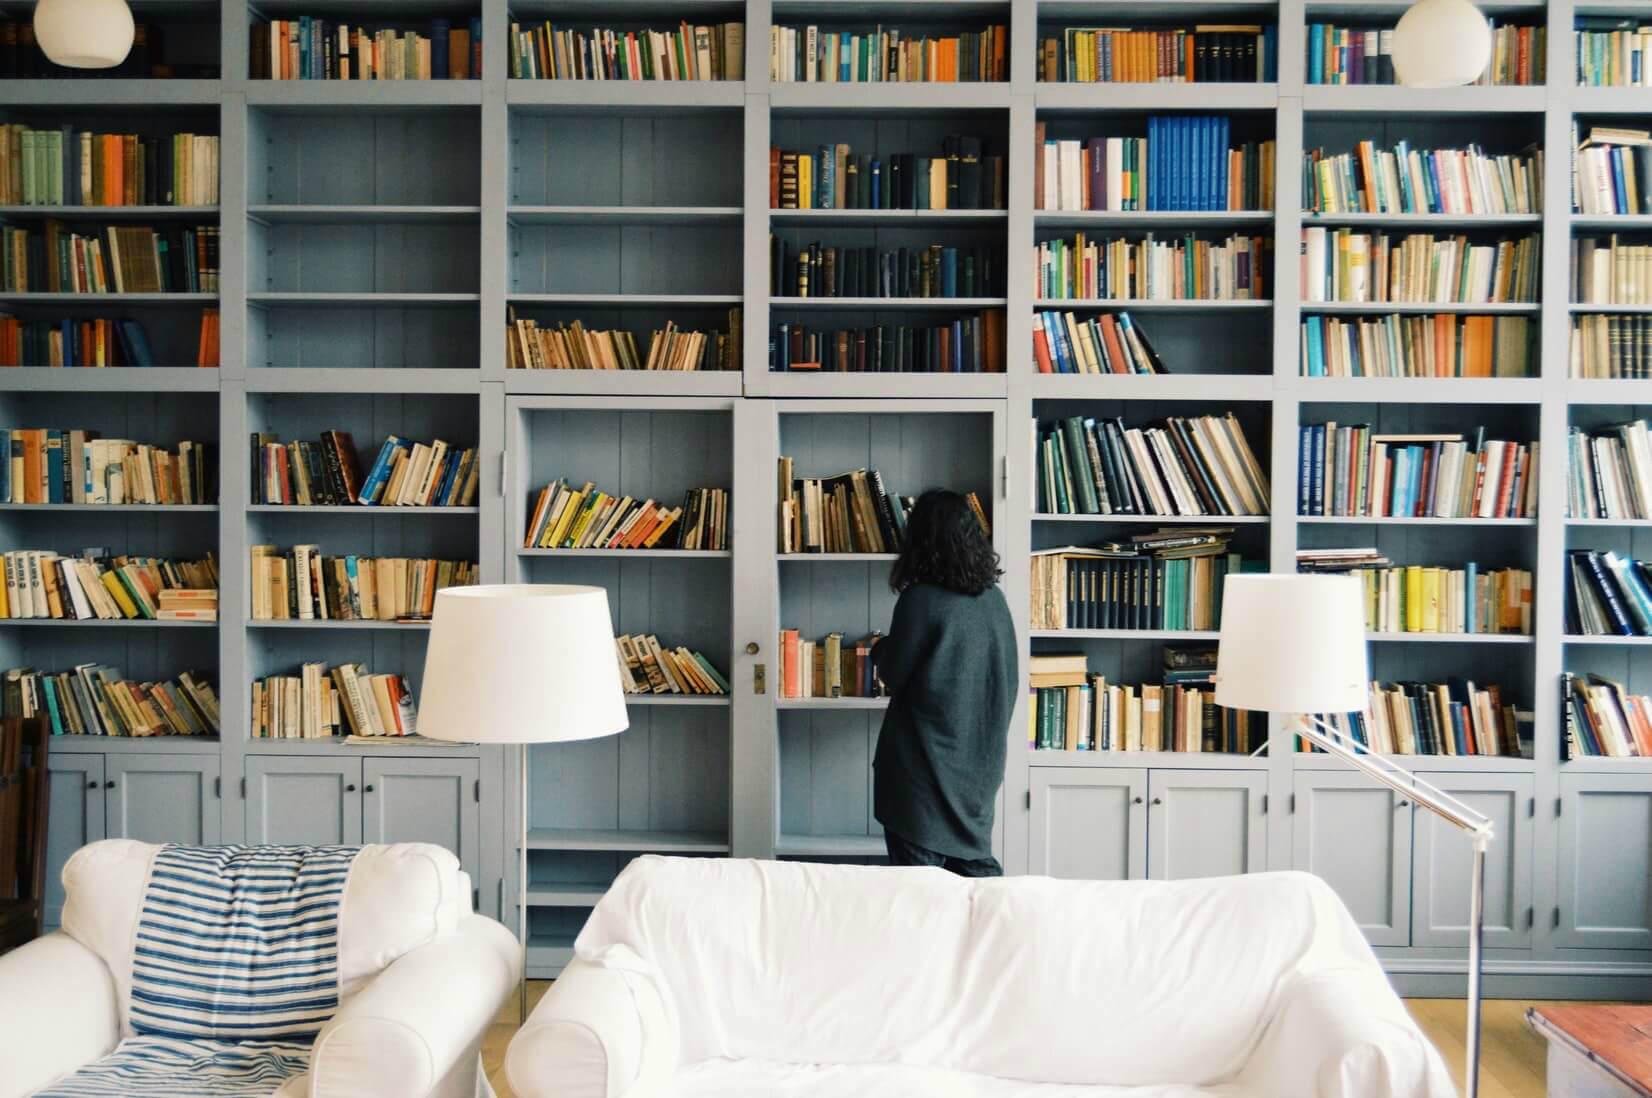 Подборка с книгами: что читать диванным путешественникам